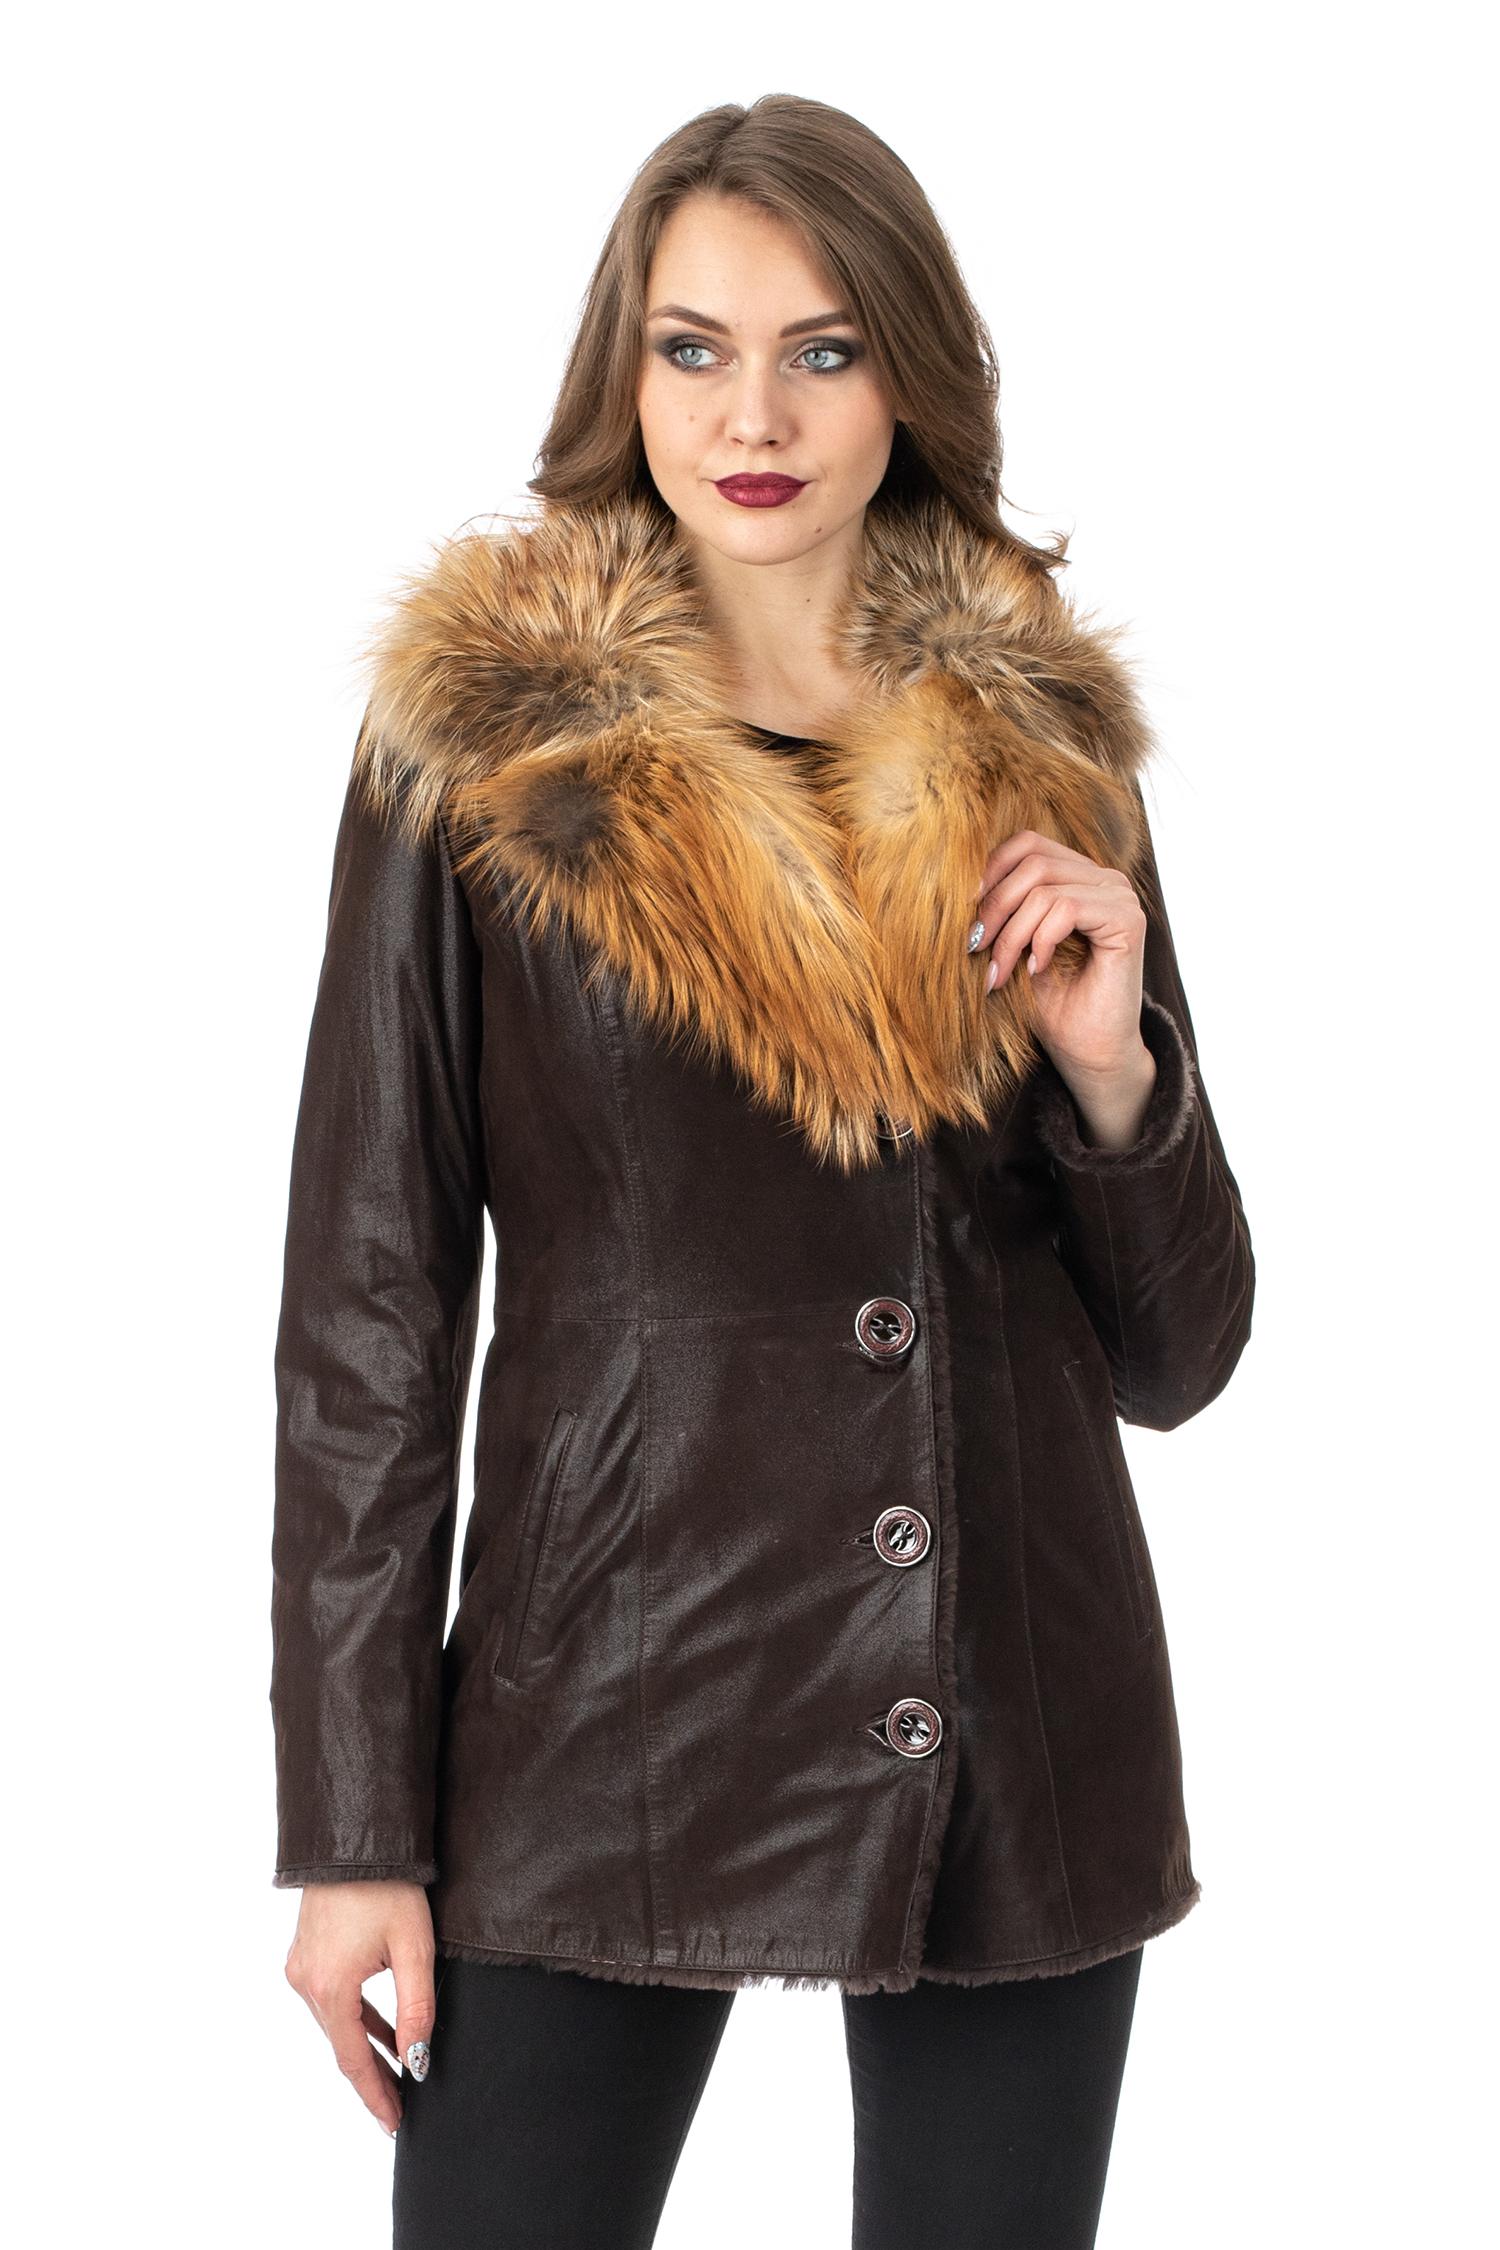 Женское кожаное пальто из натуральной кожи на меху с воротником, отделка лиса МОСМЕХА